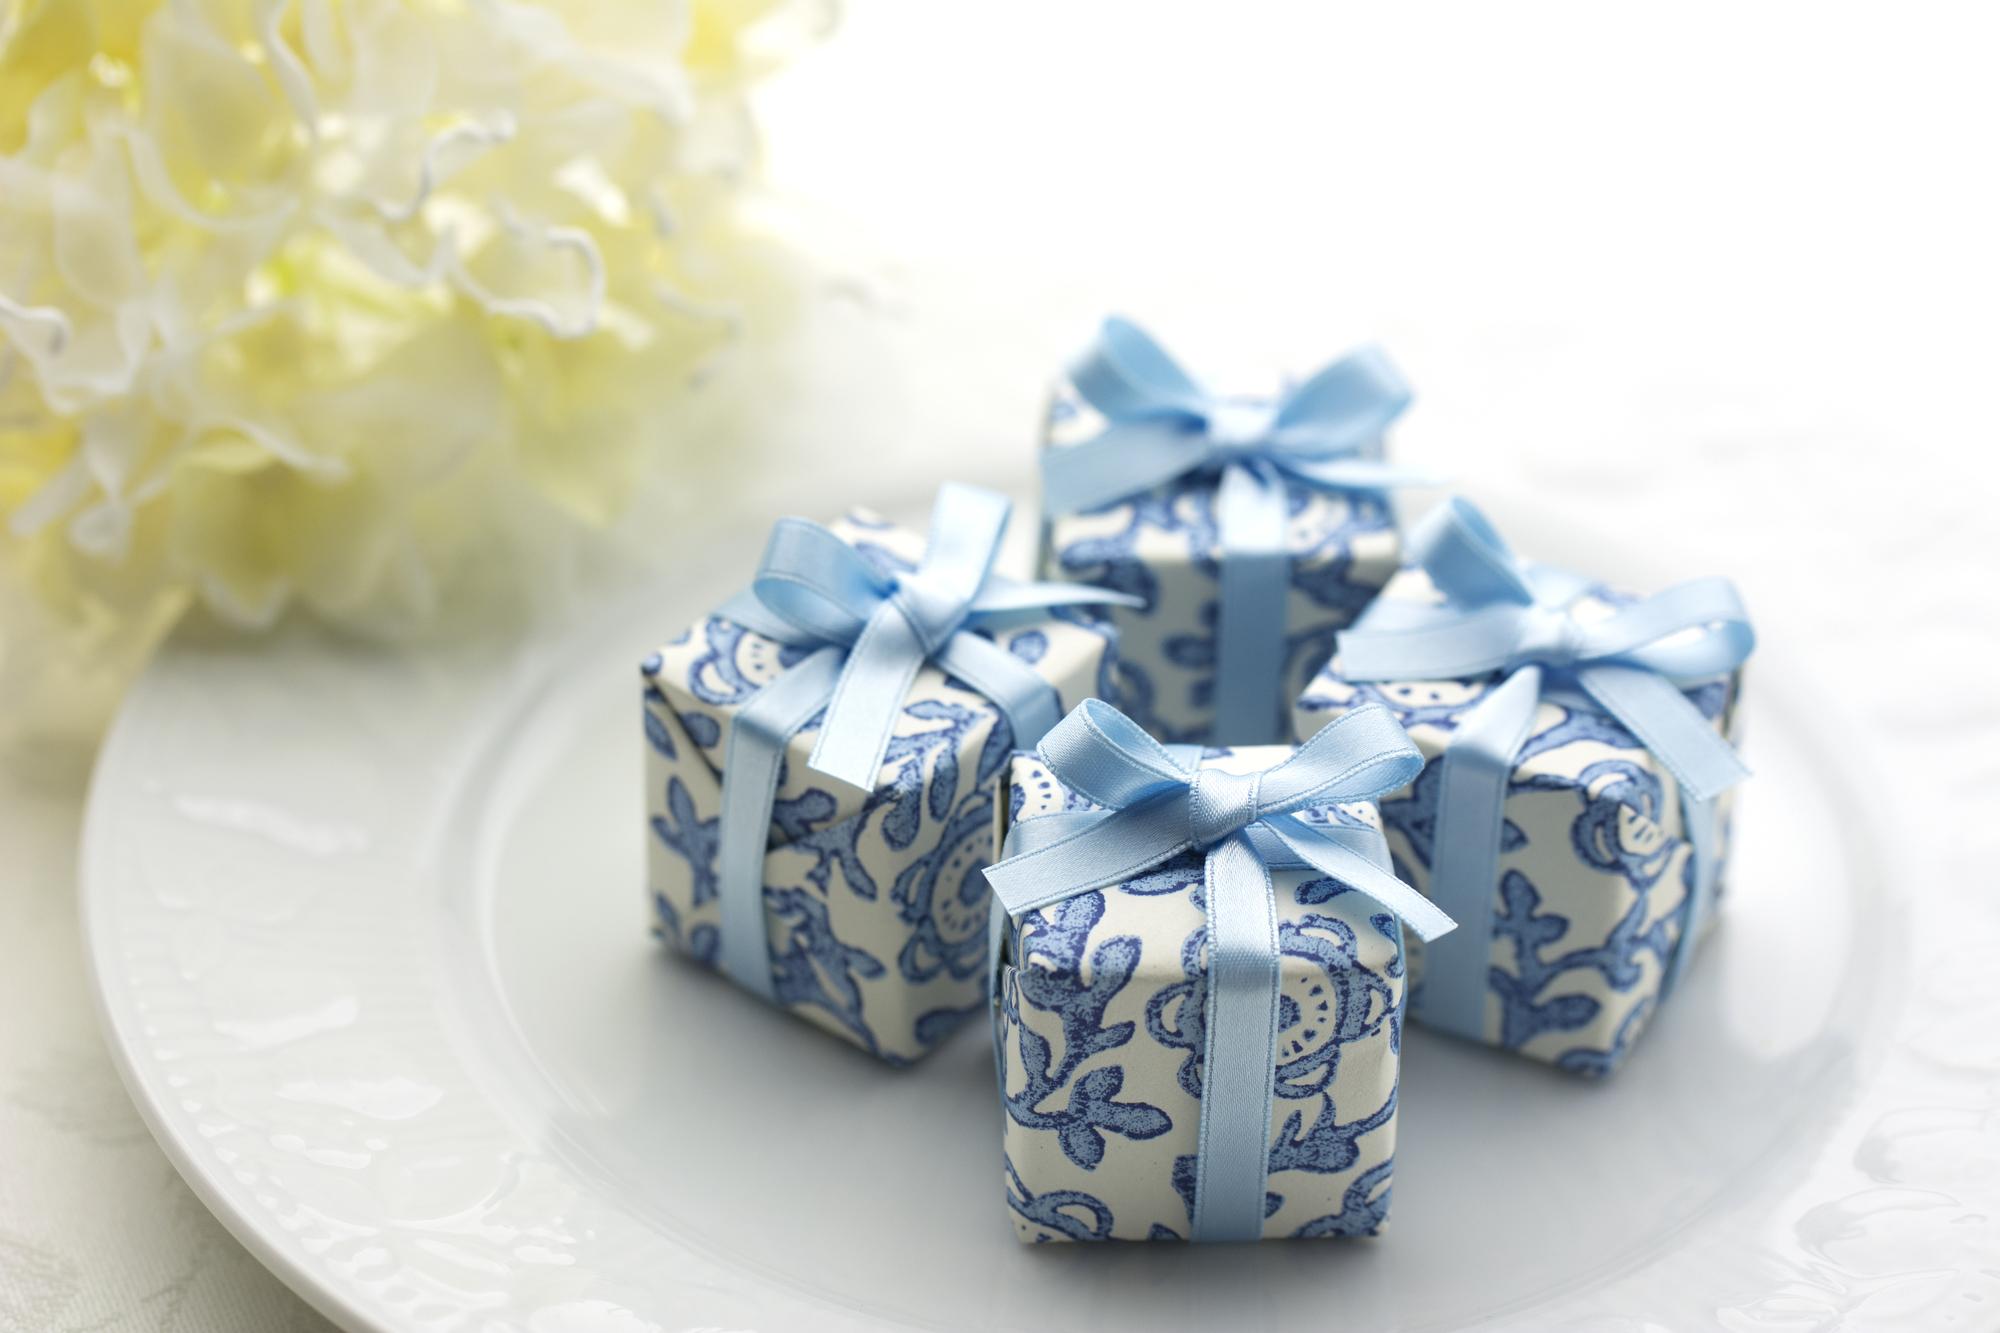 bf43f69c5a071 ここでは、結婚式や二次会で贈るプチギフトについて、どんなものを選ぶといいのか、渡すタイミングやおすすめの品などを詳しくご紹介します。